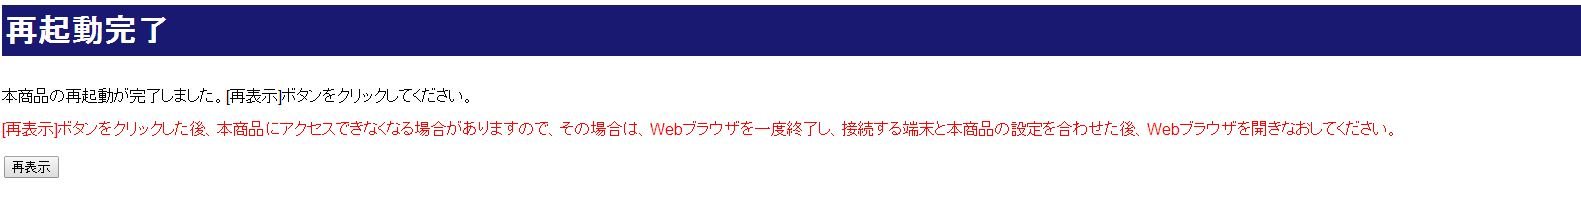 9_20140701180401787.jpg